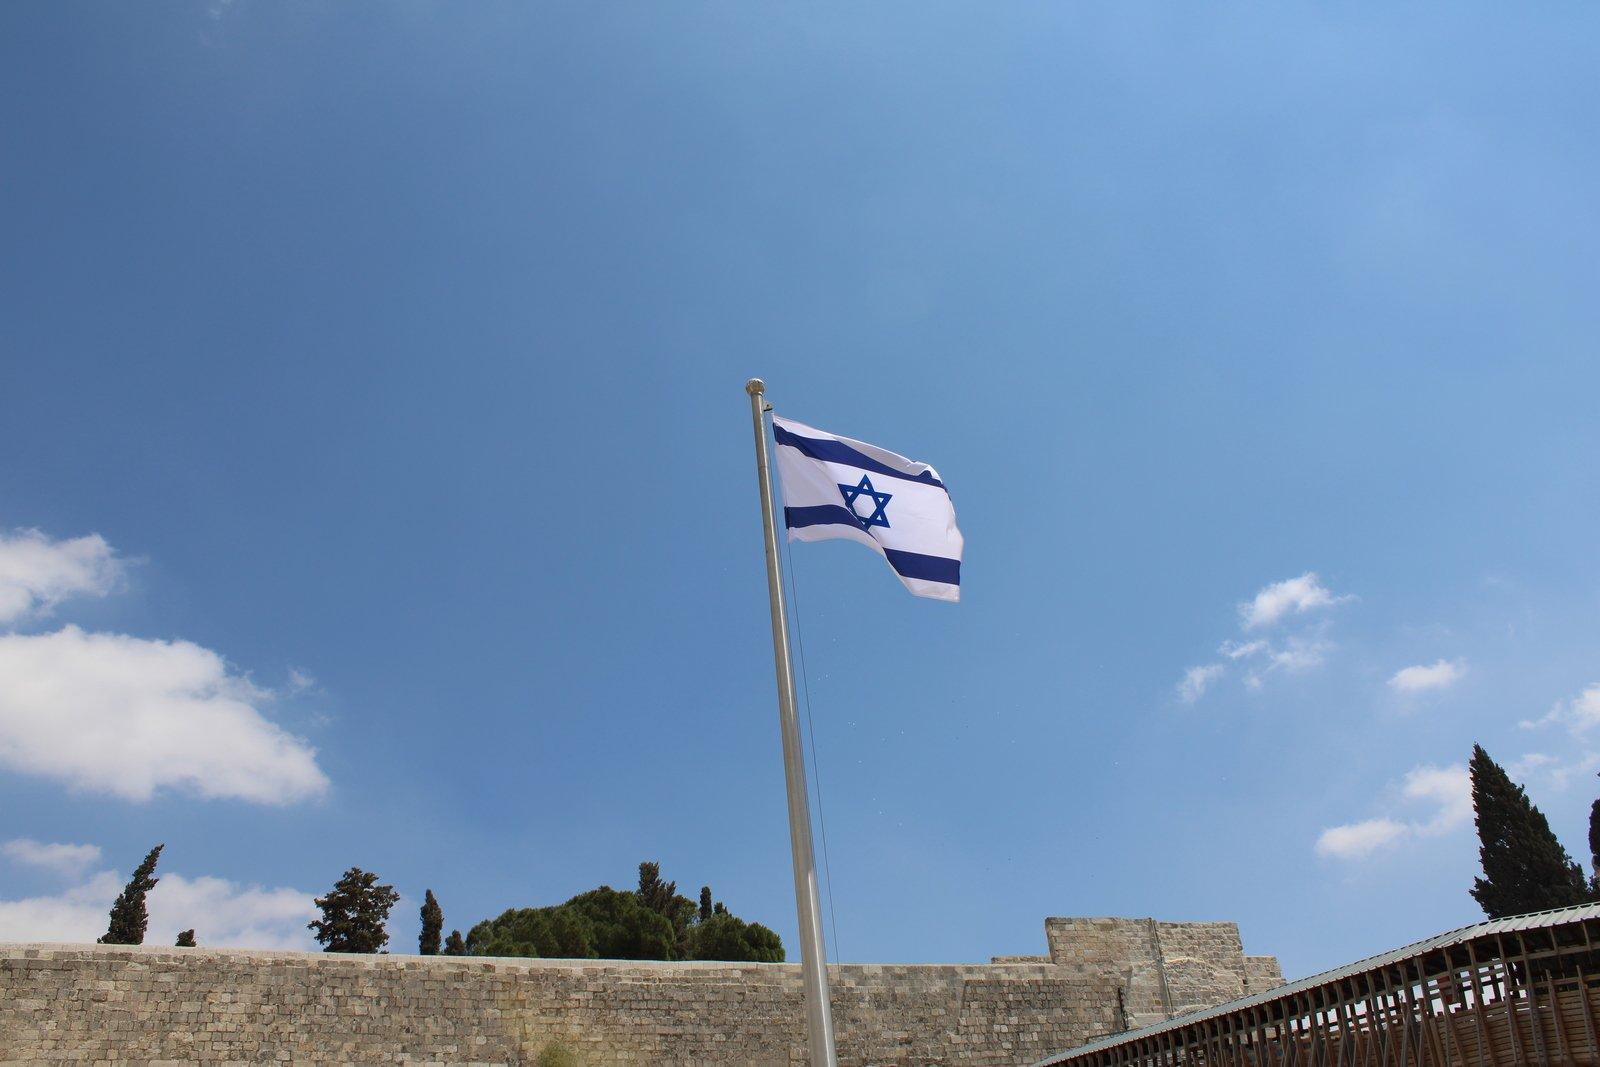 bandeira israel em 7 dias